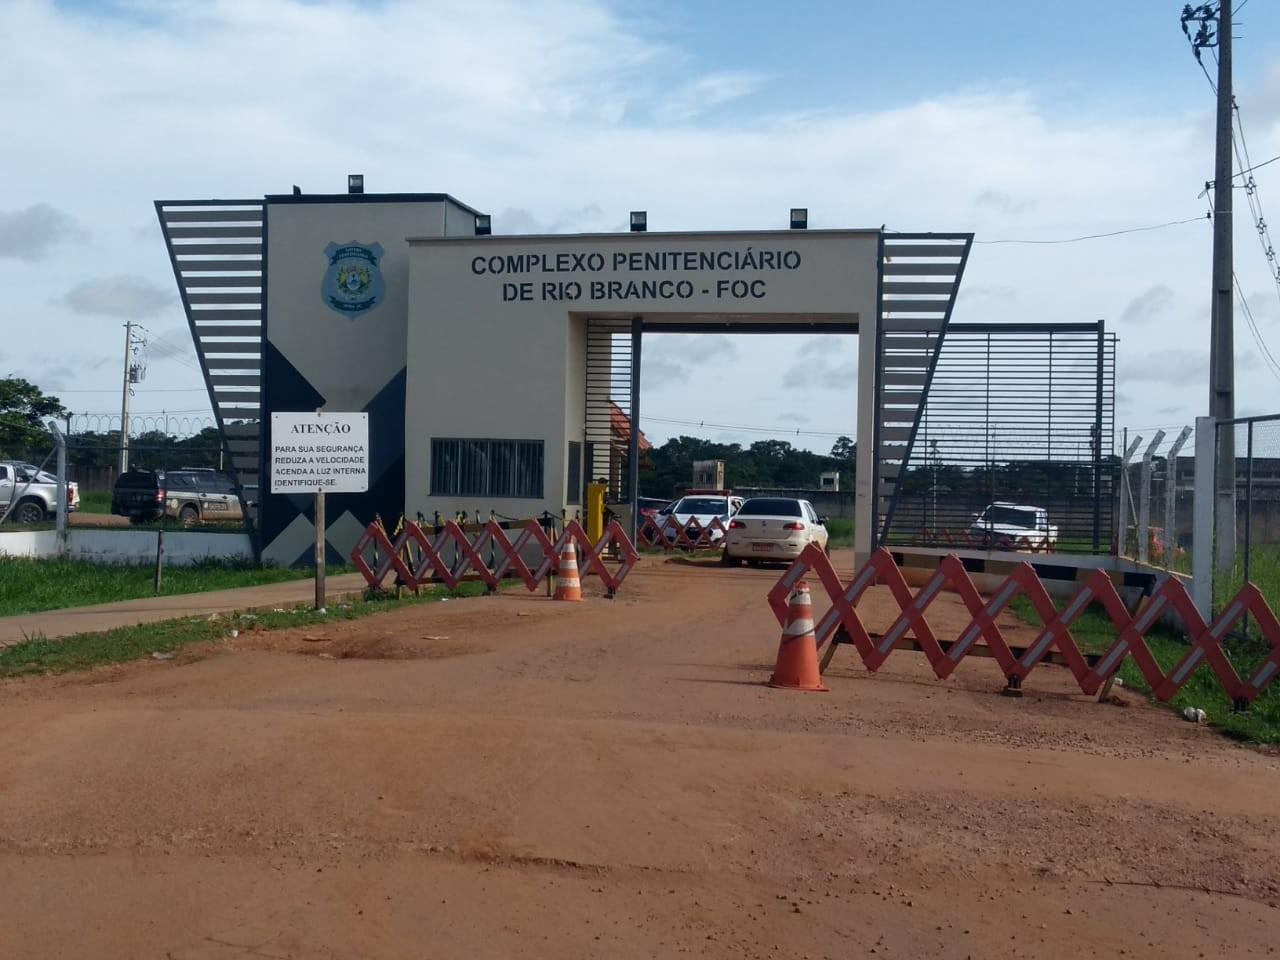 Após fuga de 26 presos, visita íntima é suspensa em presídio no Acre